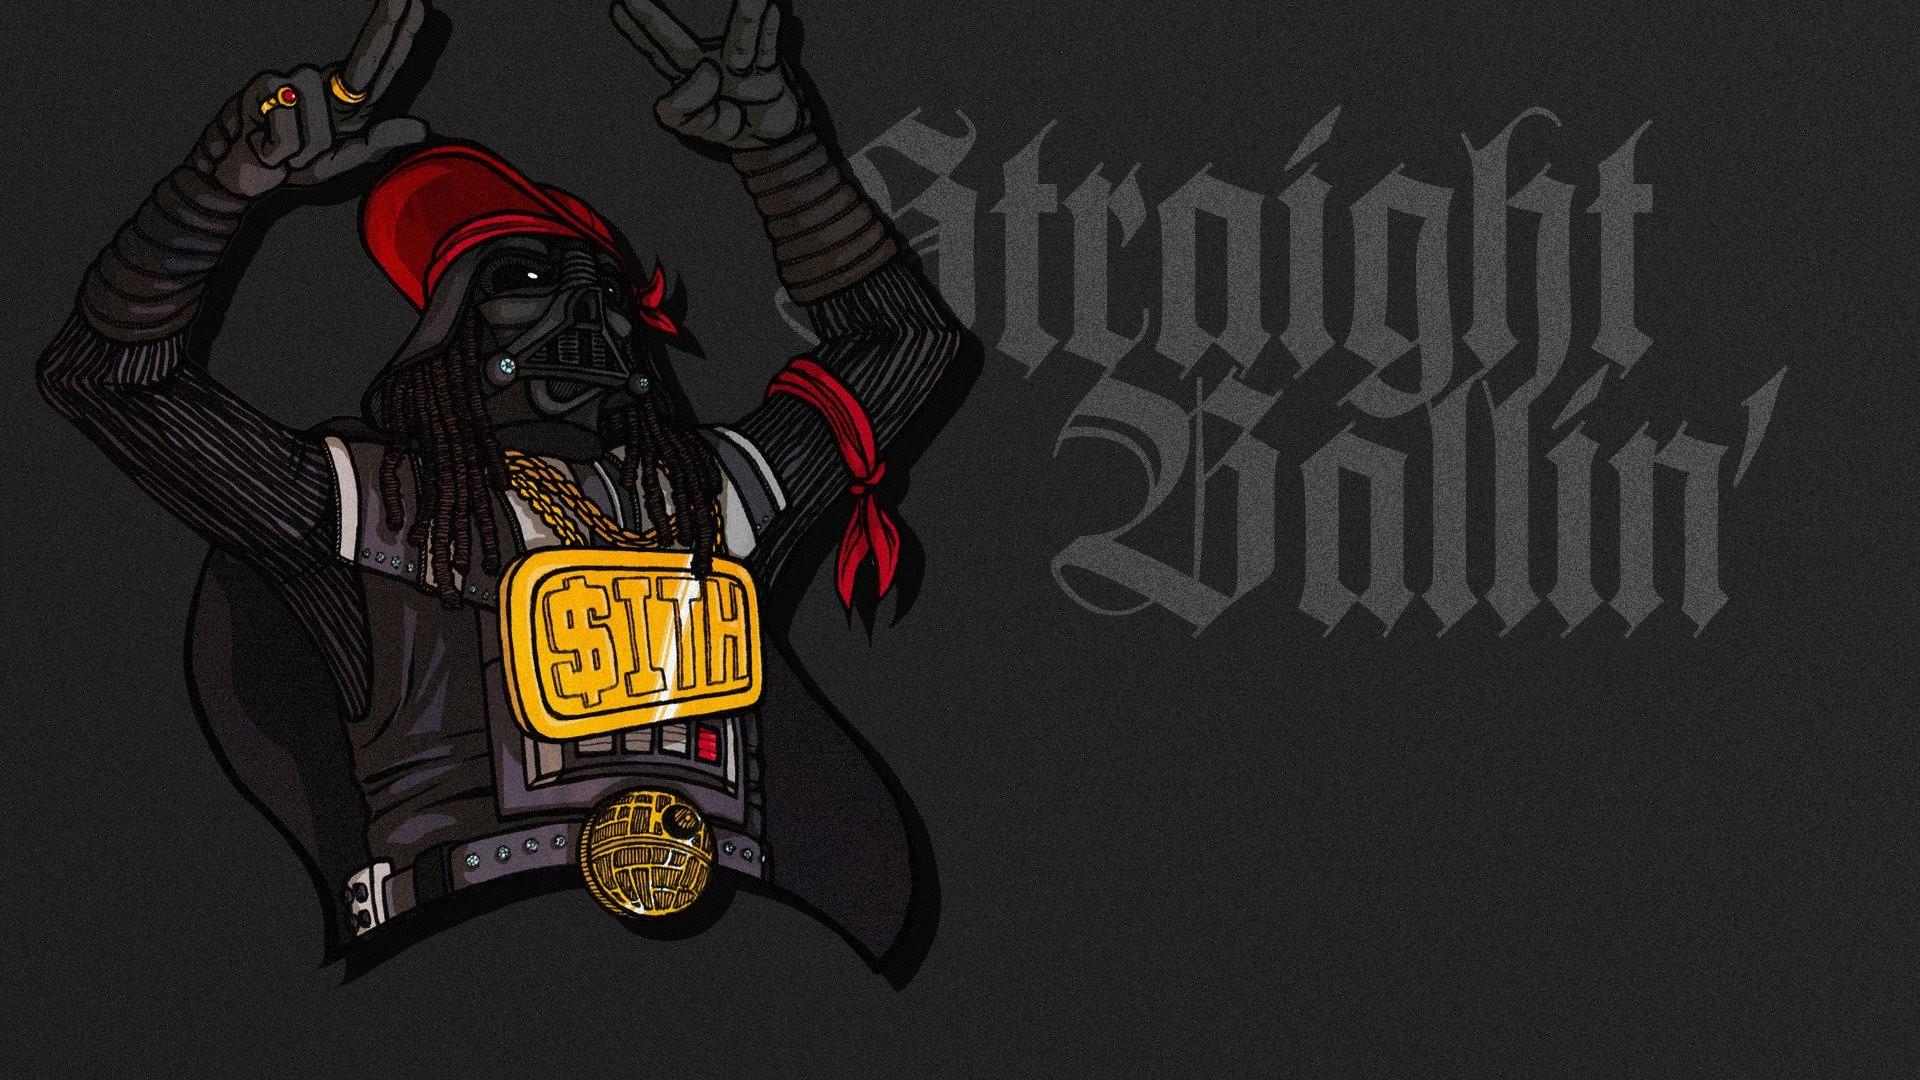 Gangsta Darth Vader Wallpaper » WallDevil – Best free HD desktop and .